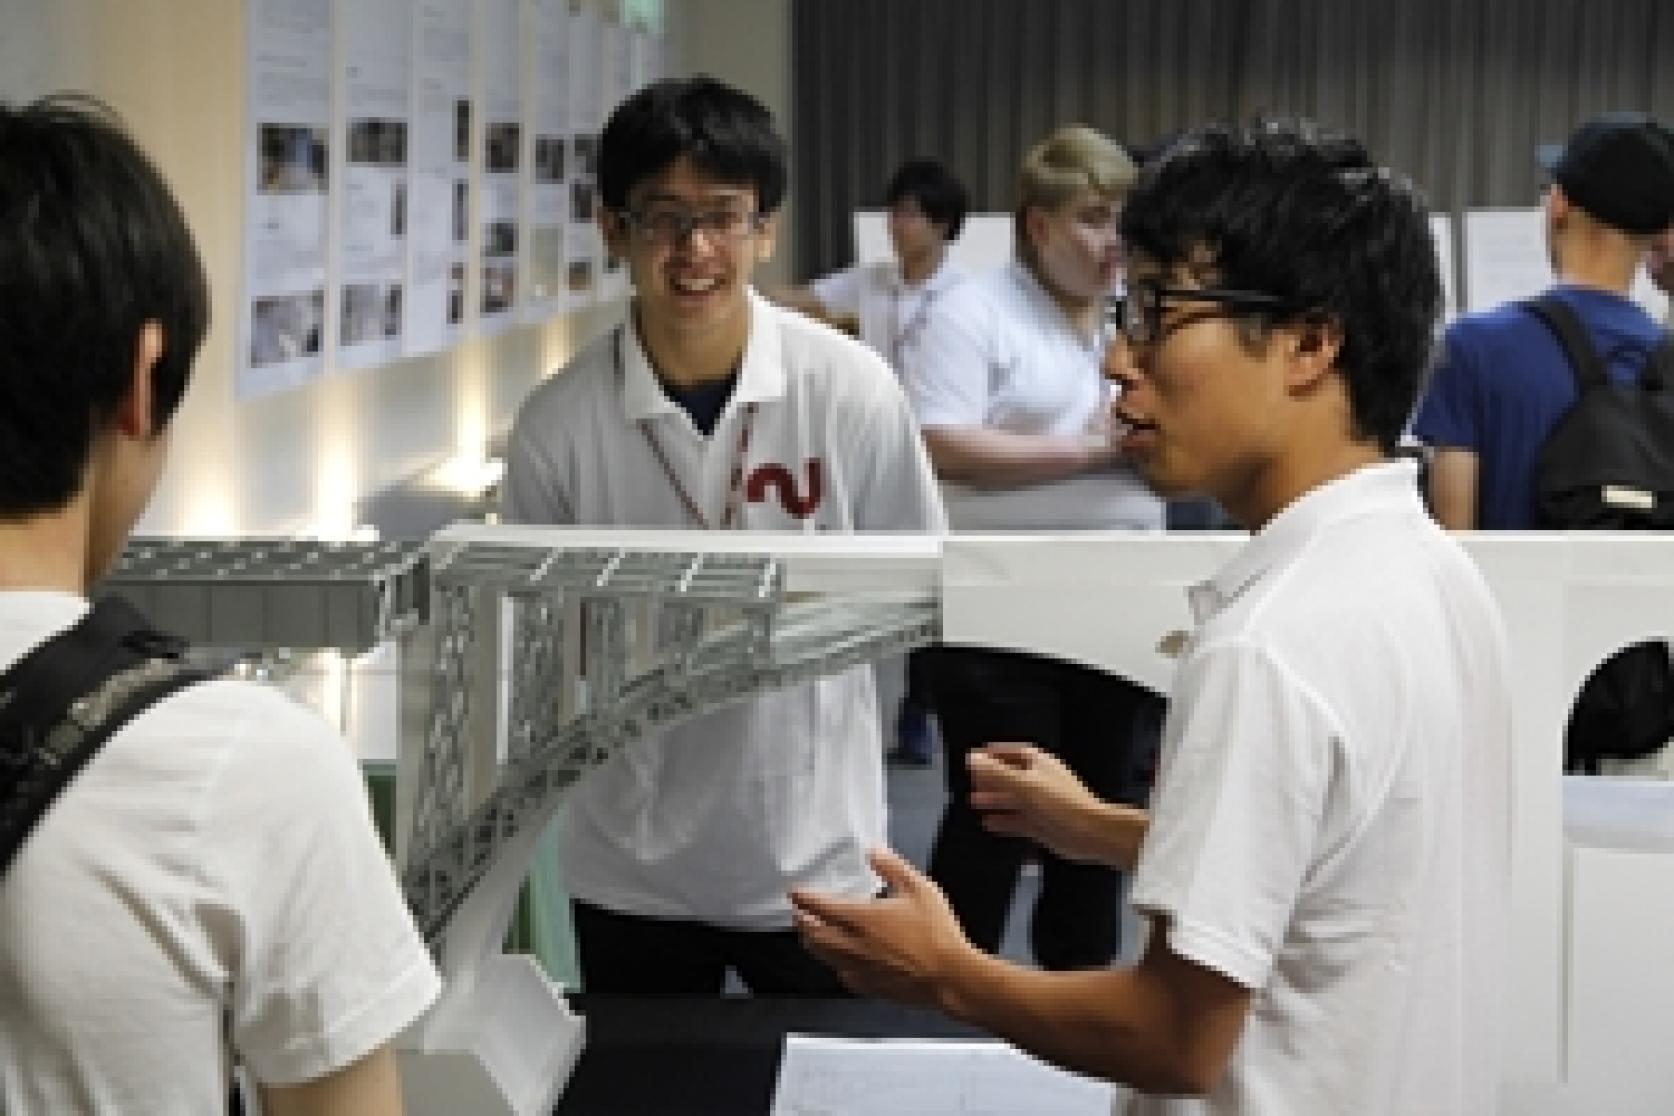 7月15日(日)は、オープンキャンパス「駿河台入試フォーラム」開催です!<br>(駿河台キャンパス開催)<br>※予約不要・保護者の皆さま歓迎